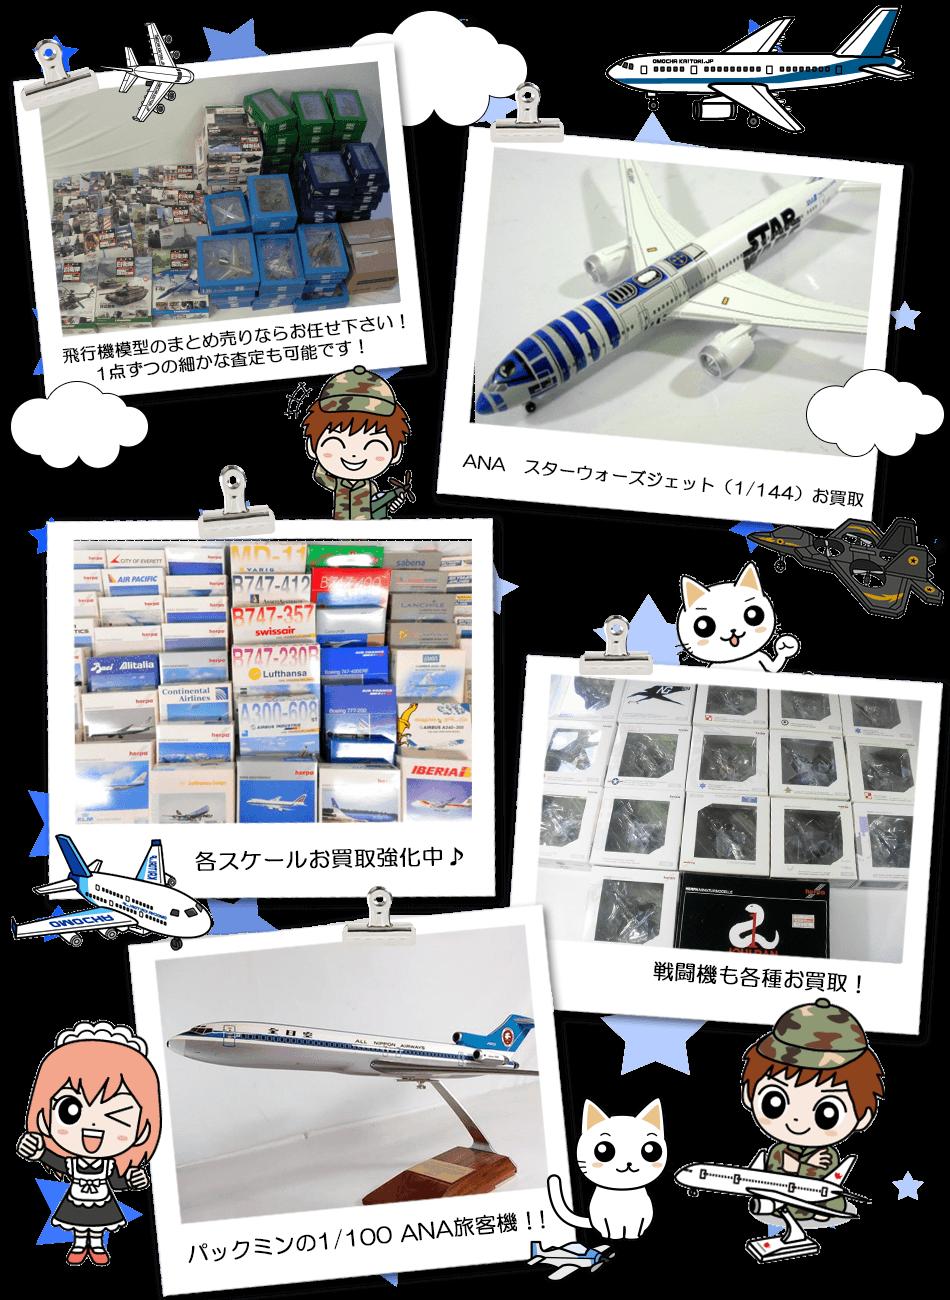 飛行機模型・航空機模型のお買取実績です。パックミン・ヘルパ・ジェミニ、全日空商事やビッグバード、ドラゴン、ホビーマスター等各メーカー様々な飛行機模型の買取をしております。